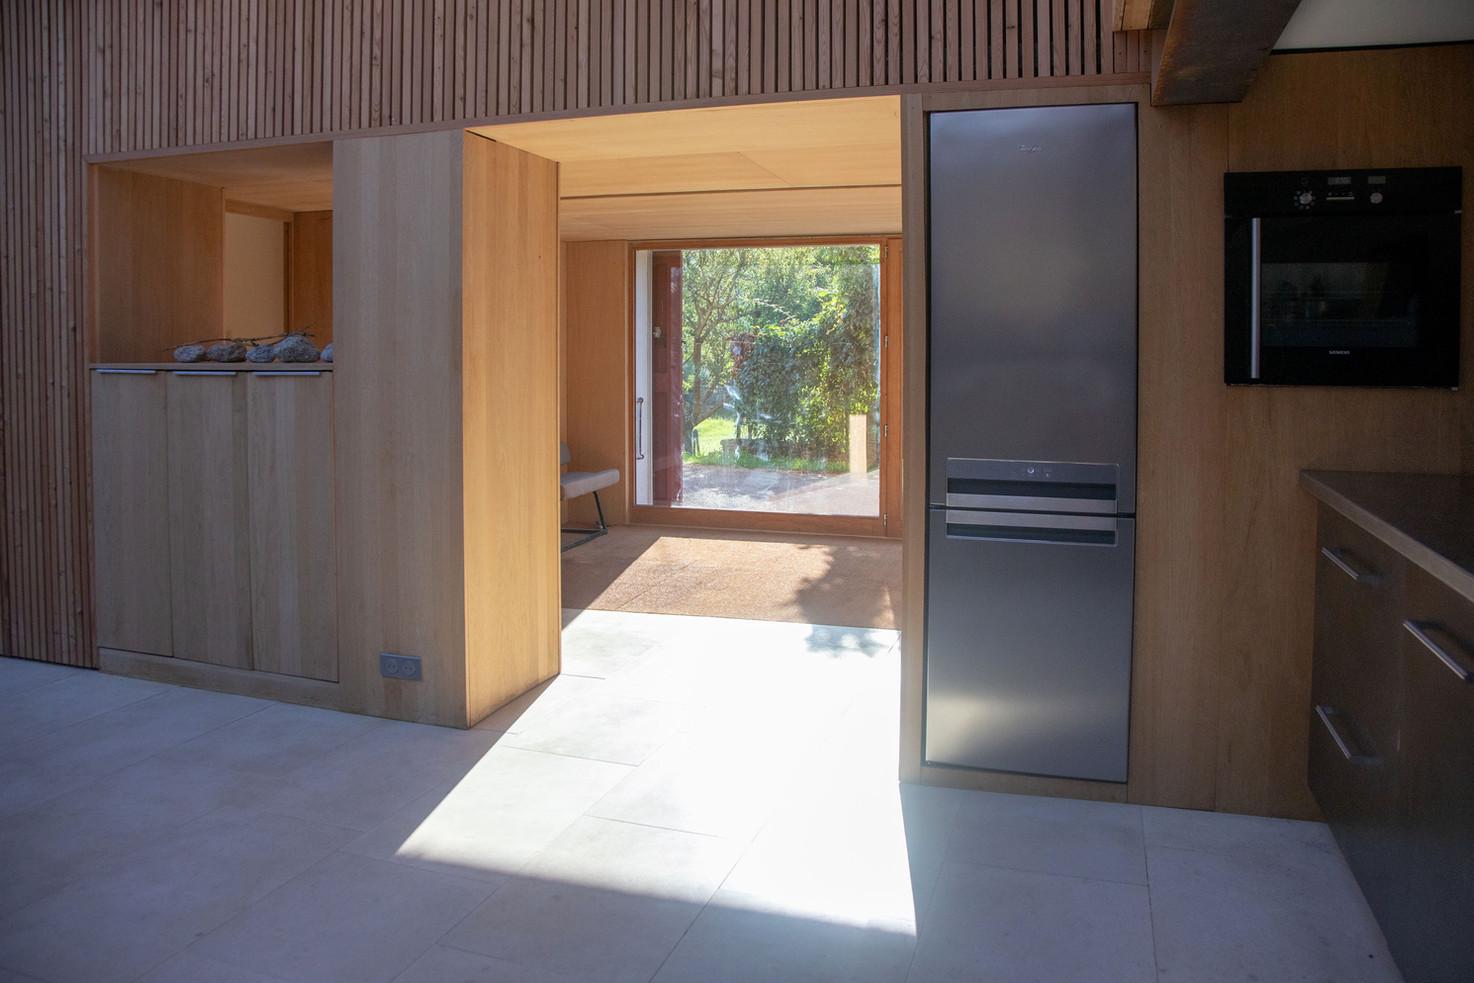 kitchen_towards_door_LT.jpg